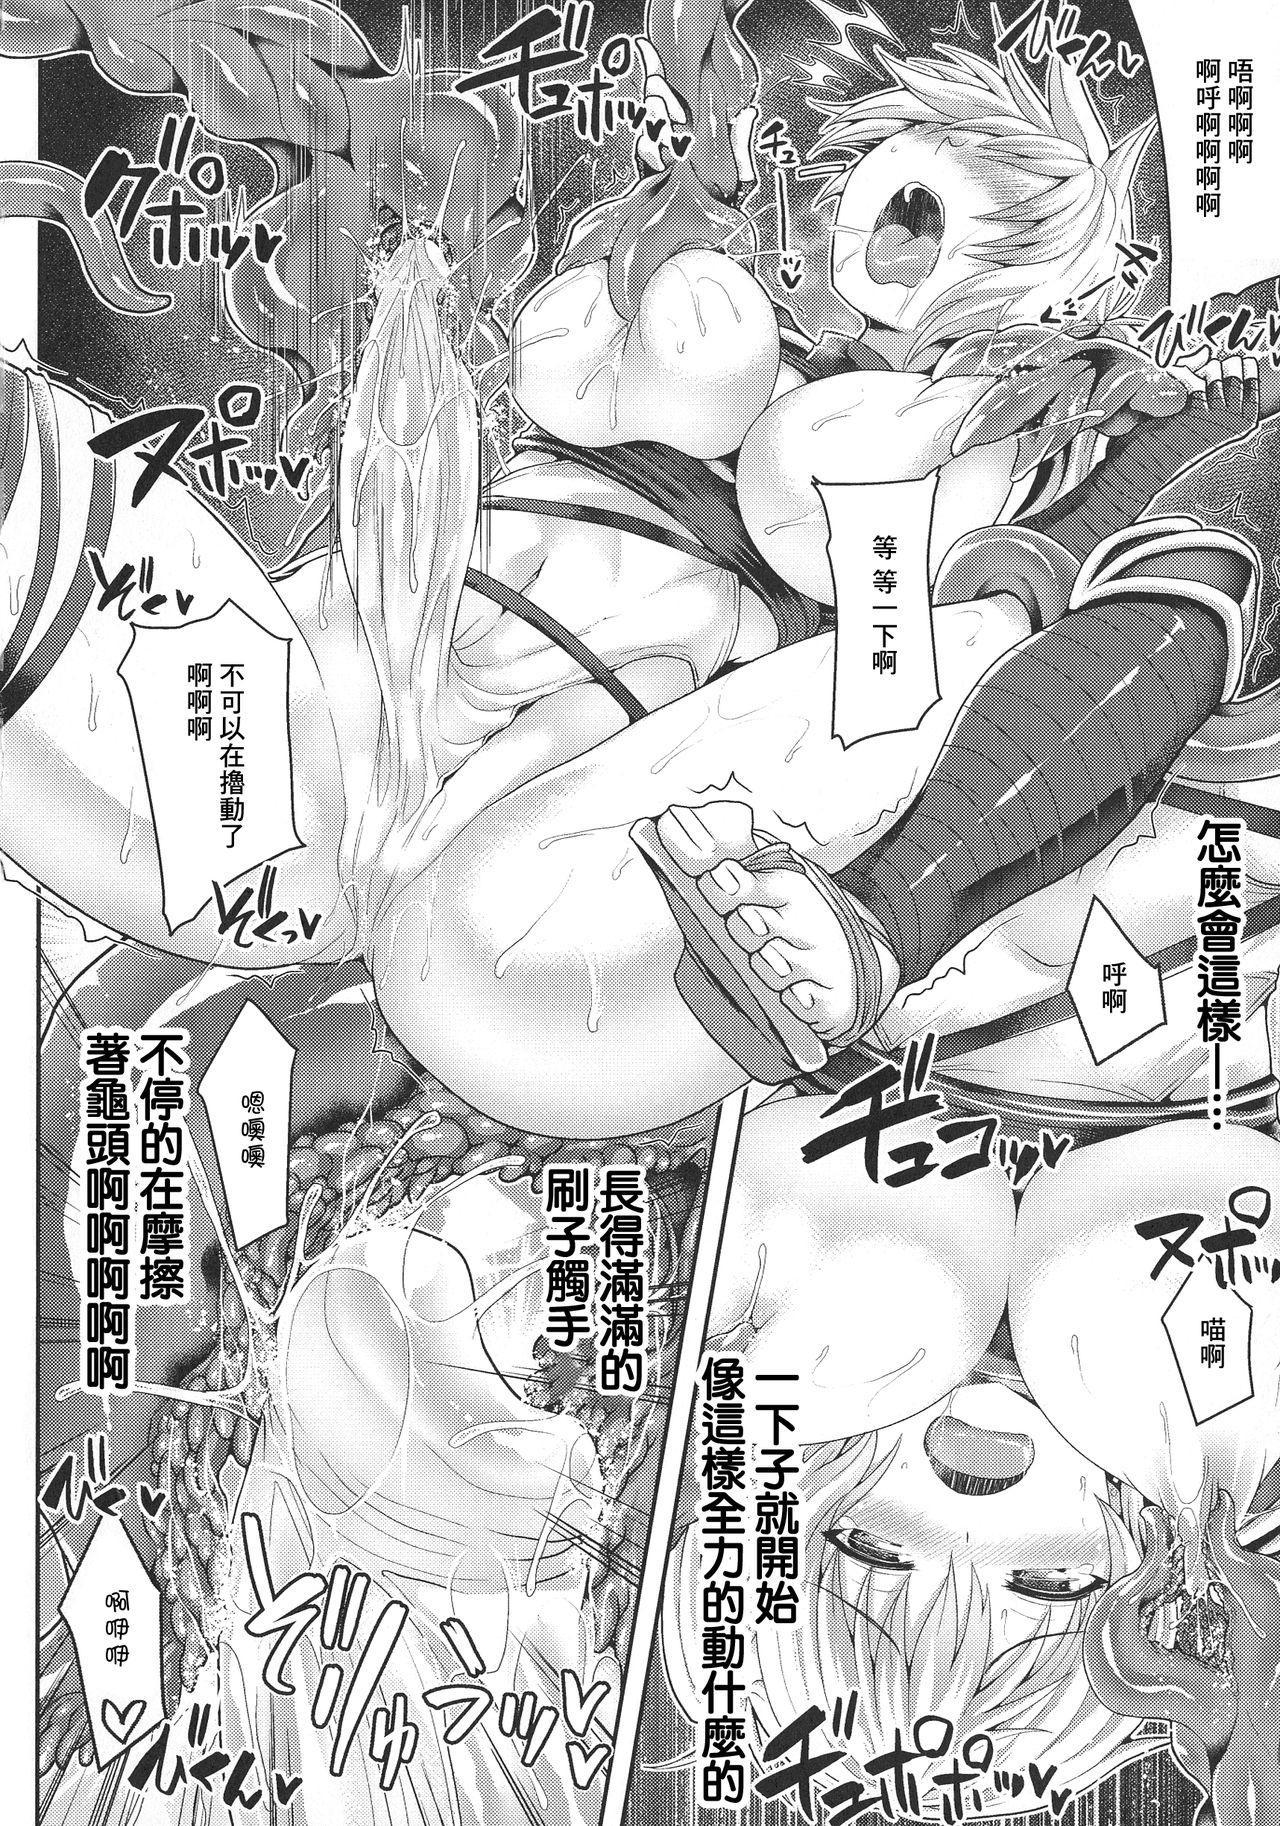 Futanari Gal Brave - Tsuiteru Gal Yuusha Isekai no ji ni Botsu 80